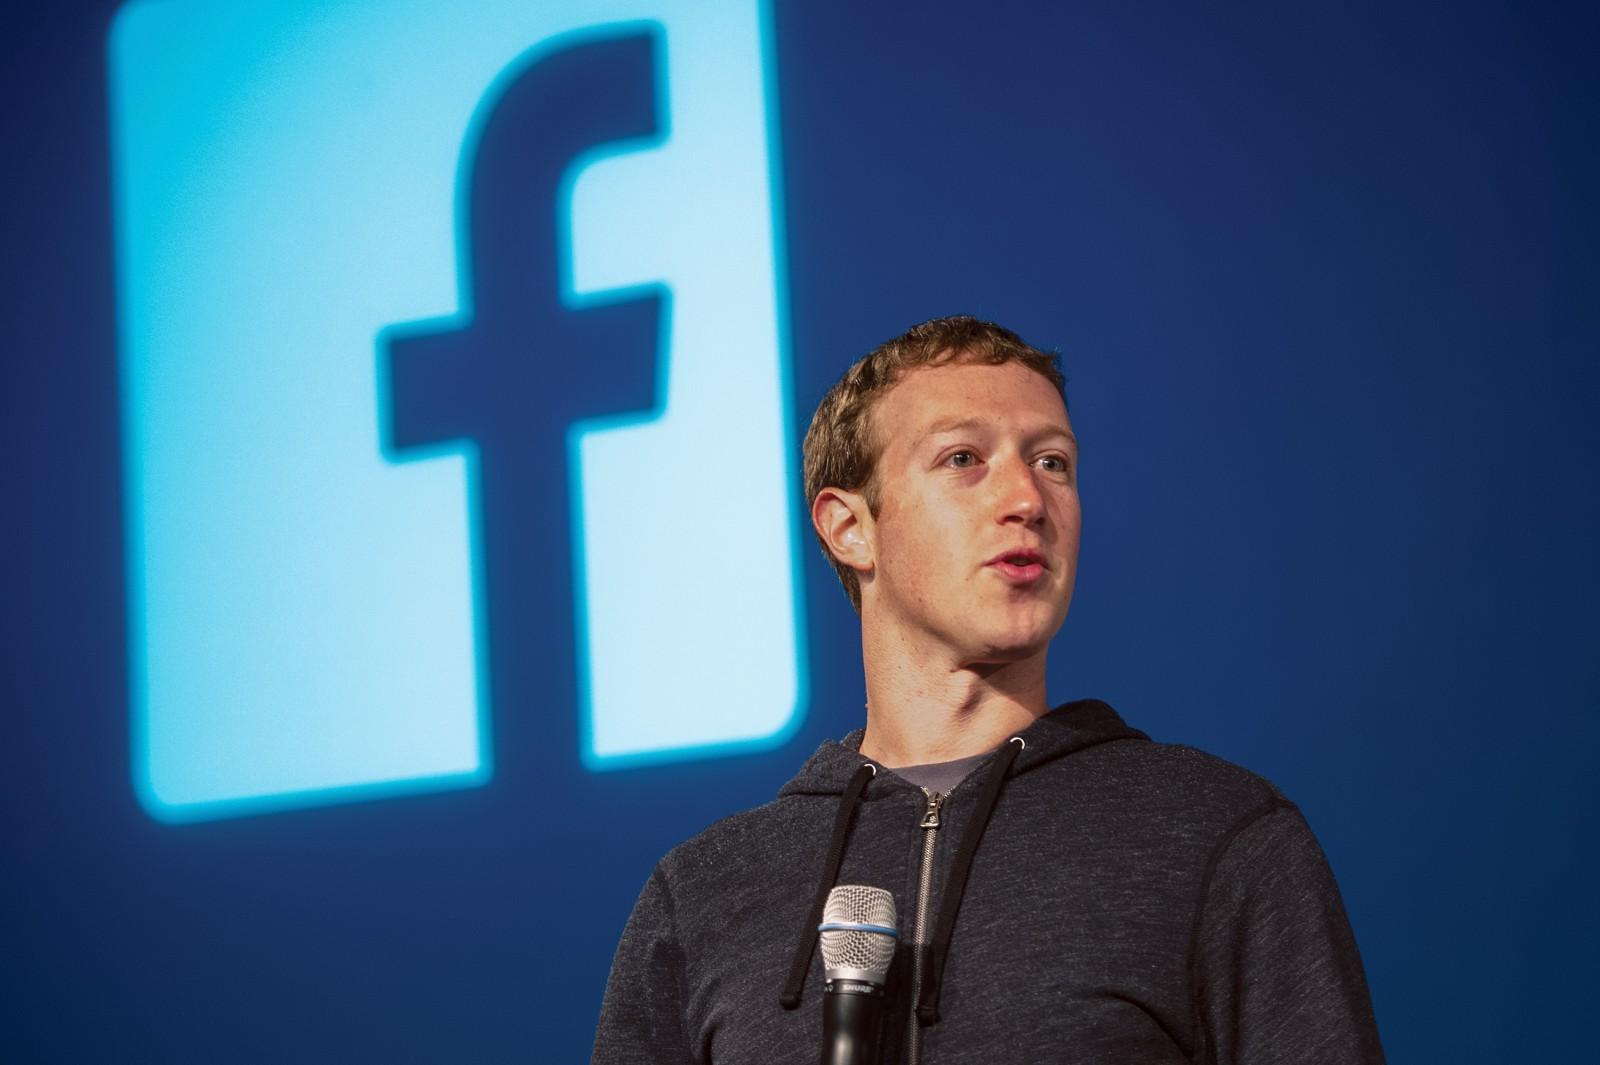 Greșeala de a nu angaja un inginer l-a costat pe Mark Zuckerberg 19 miliarde de dolari